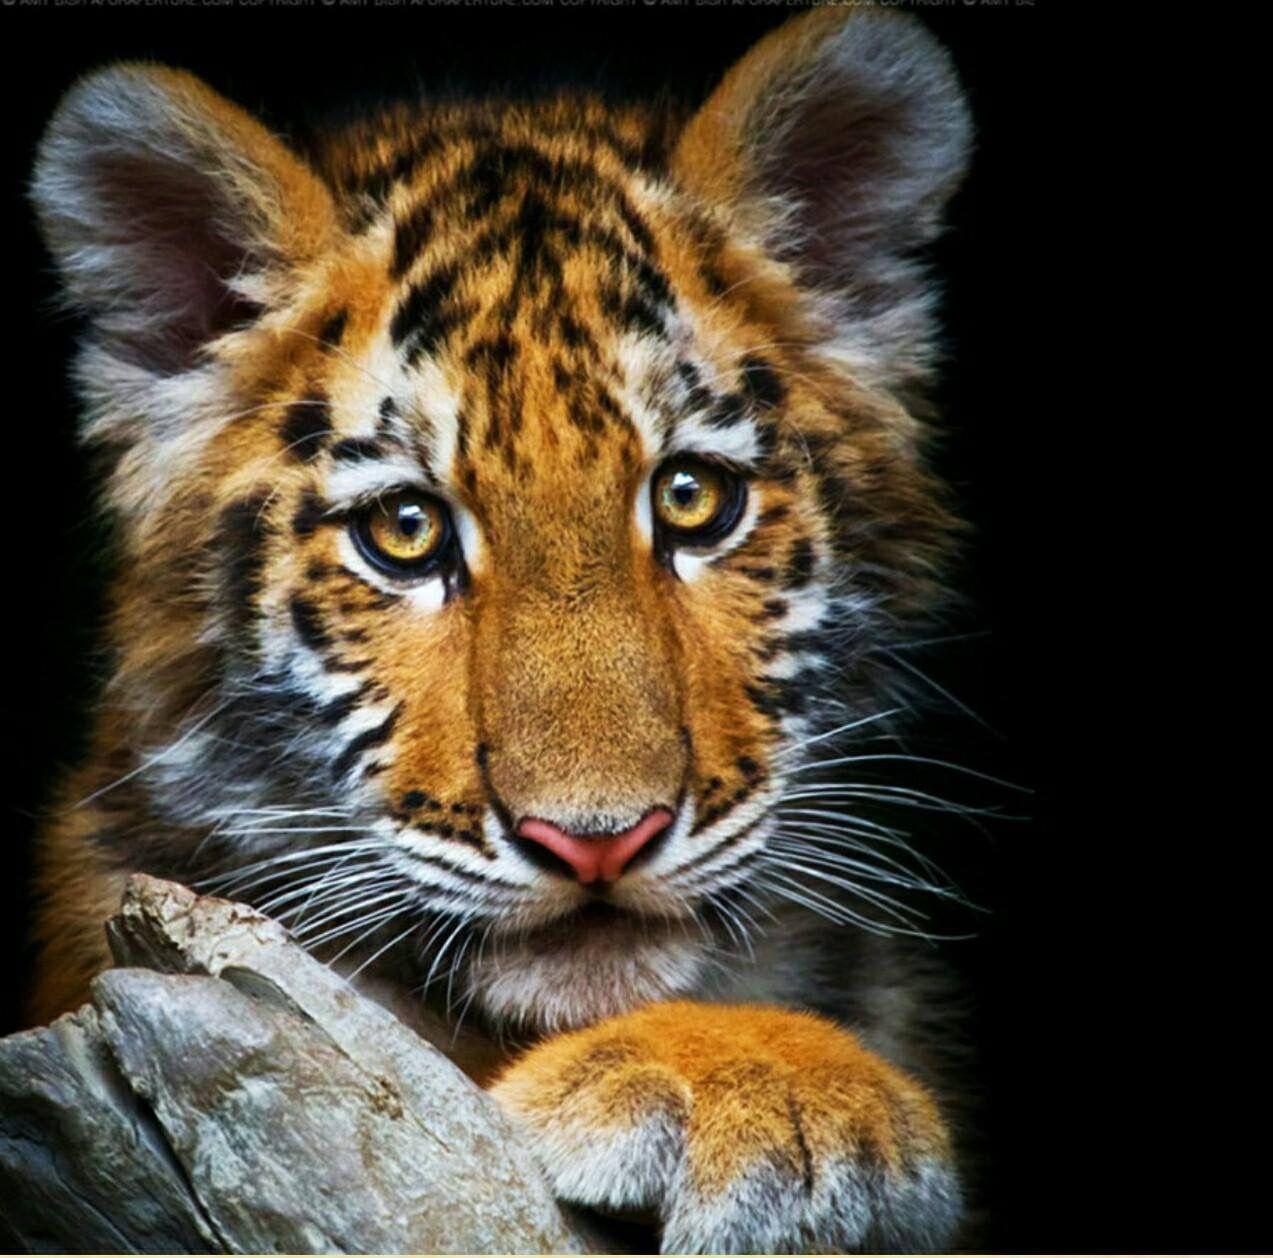 Pin von Jennifer Hutto auf Tigers Süße tiere, Tiere, Katzen